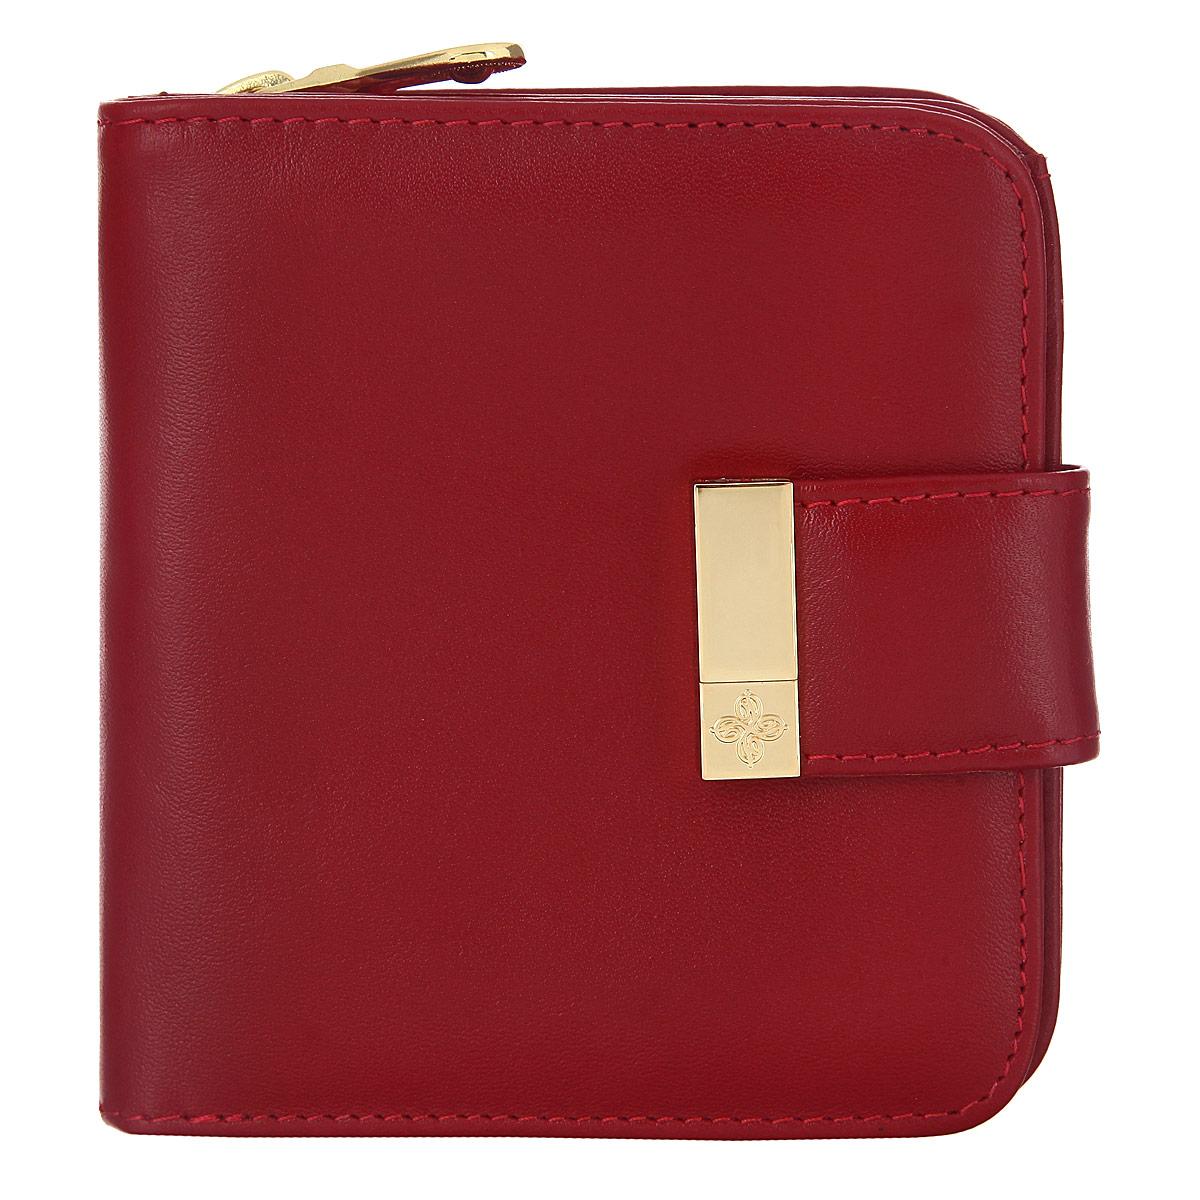 Кошелек Dimanche, цвет красный. 0482-037-009Стильный кошелек Dimanche выполнен из натуральной кожи, оформлен металлическим элементом с логотипом бренда.Изделие содержит дваотделения. Первое отделение для монет закрывается на молнию. Второе отделение раскладывается, дополнительно закрывается на клапан с магнитной кнопкой. Отделение включает в себя: шесть кармашков для визиток или пластиковых карт, два потайных кармана для документов, два отделения для купюр. Кошелек упакован в подарочную коробку с логотипом фирмы.Такой кошелек станет замечательным подарком человеку, ценящему качественные и практичные вещи.